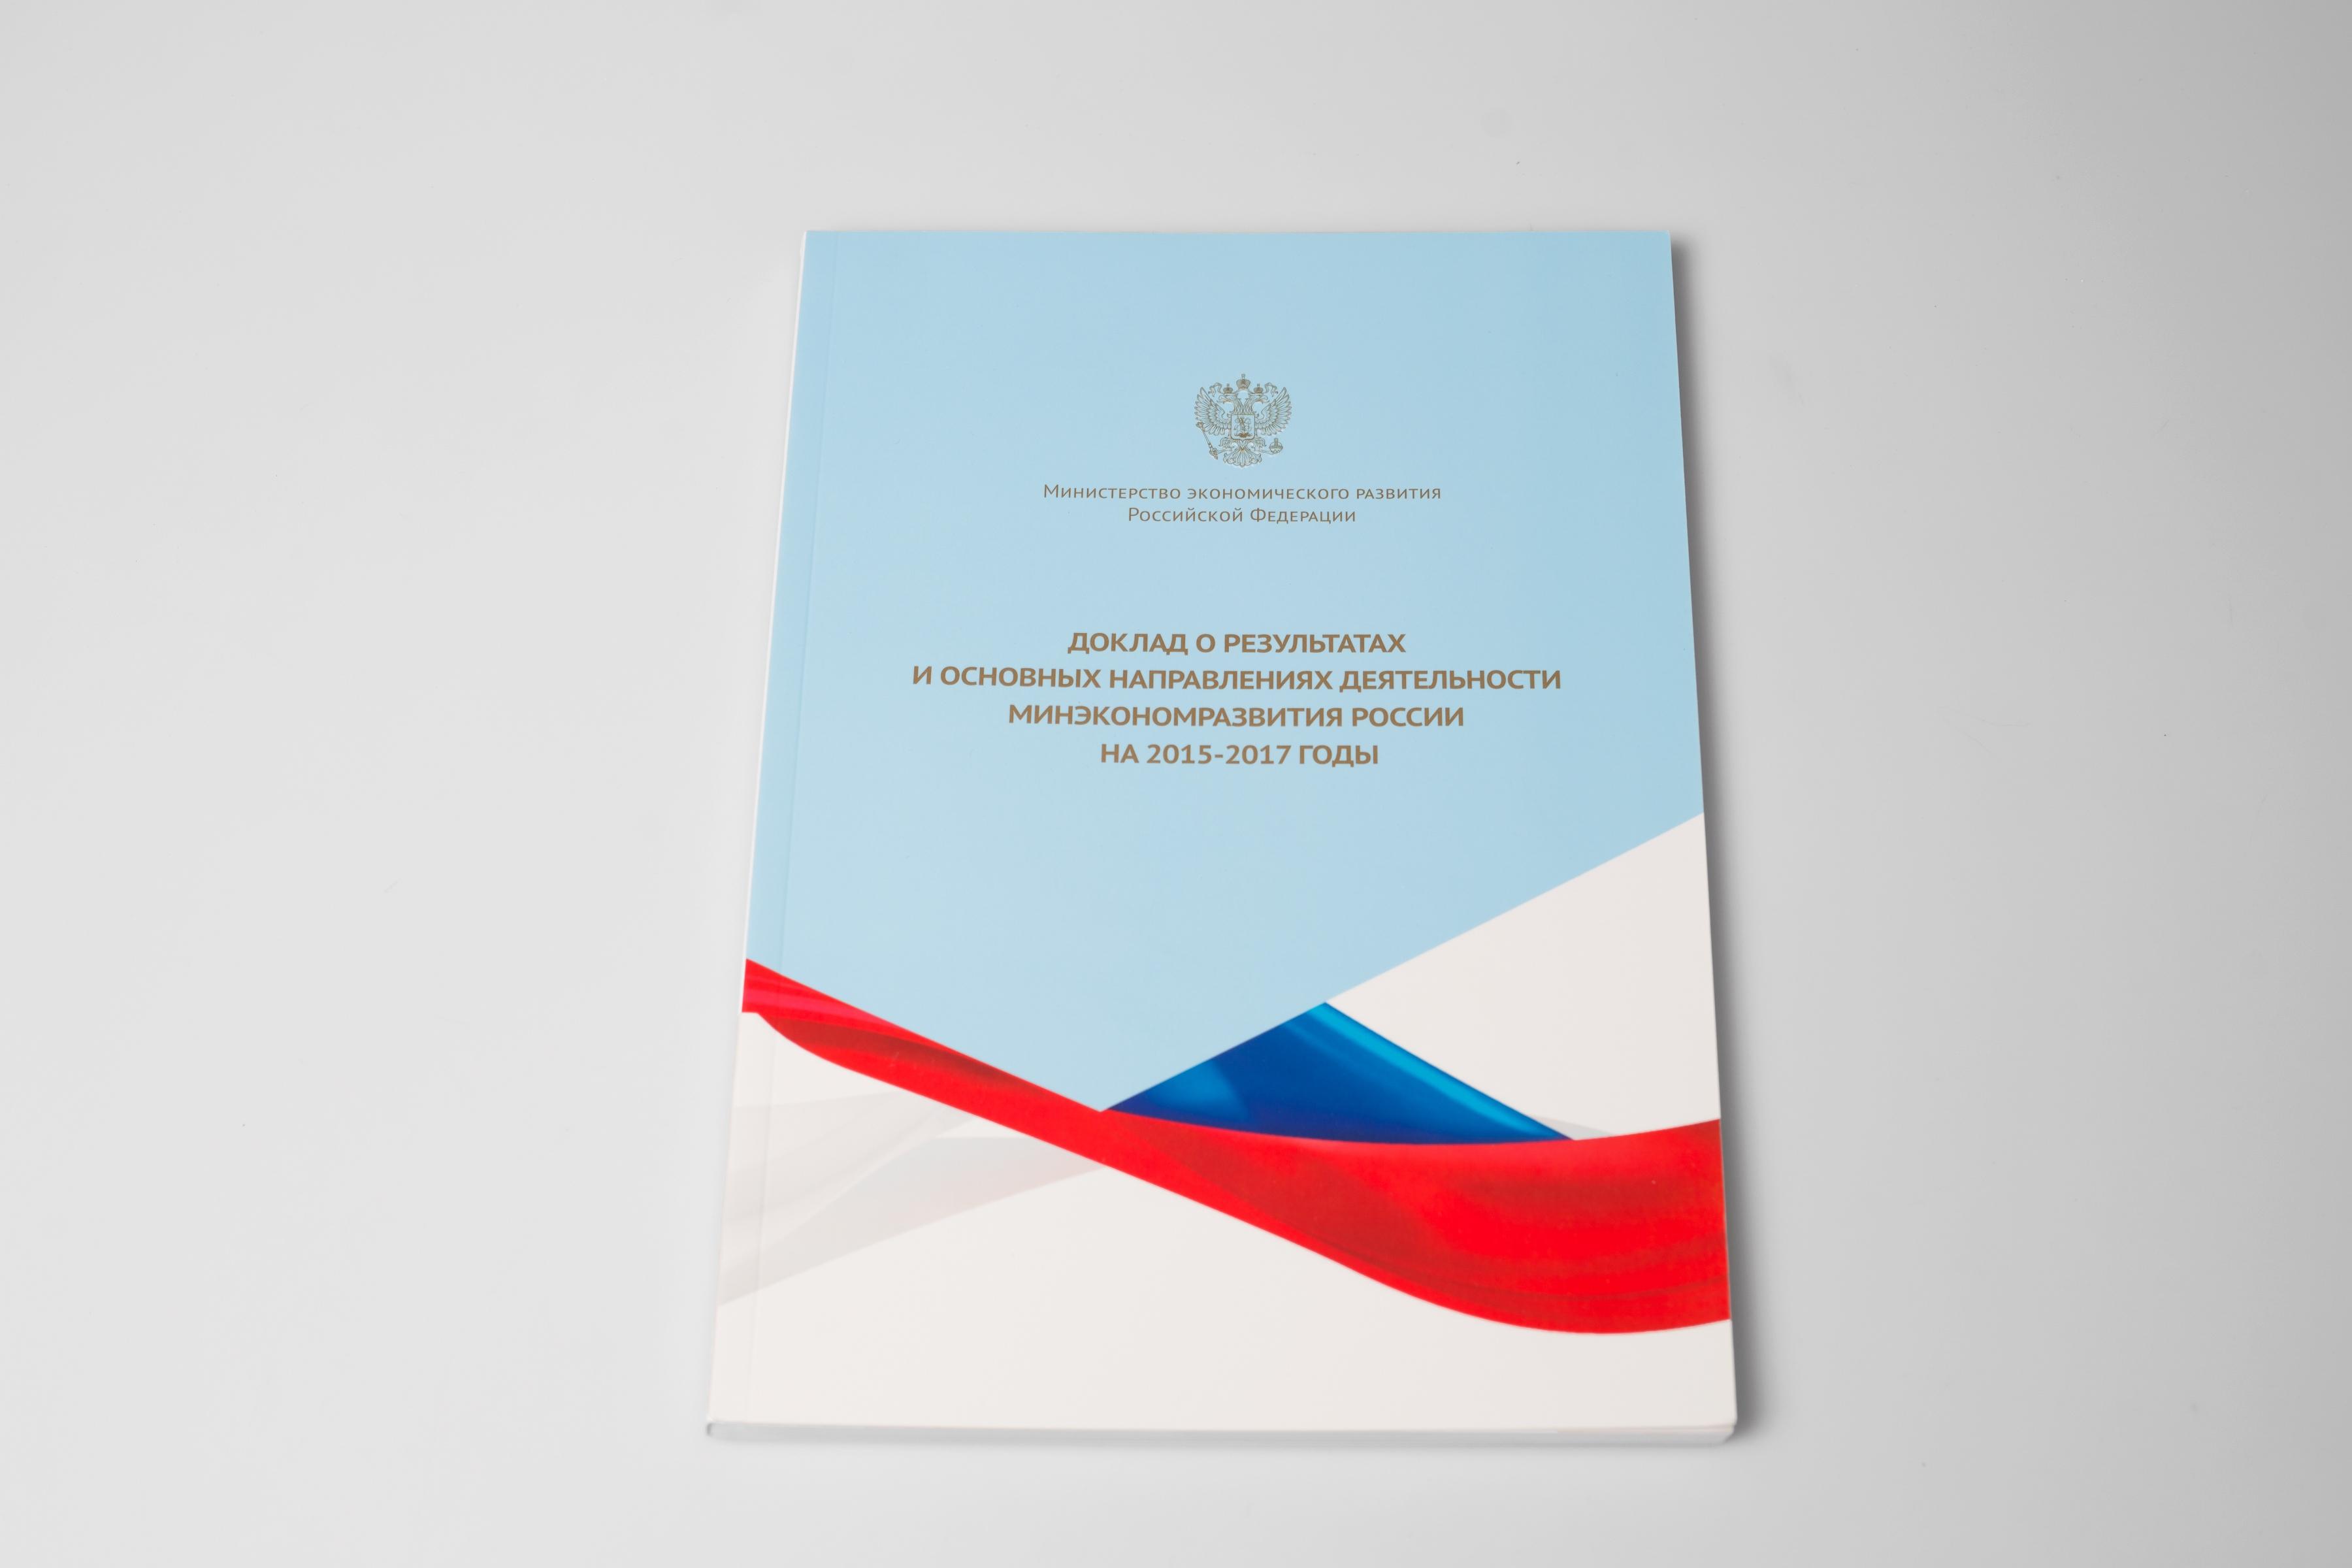 Годовой отчет для Минэкономразвития РФ